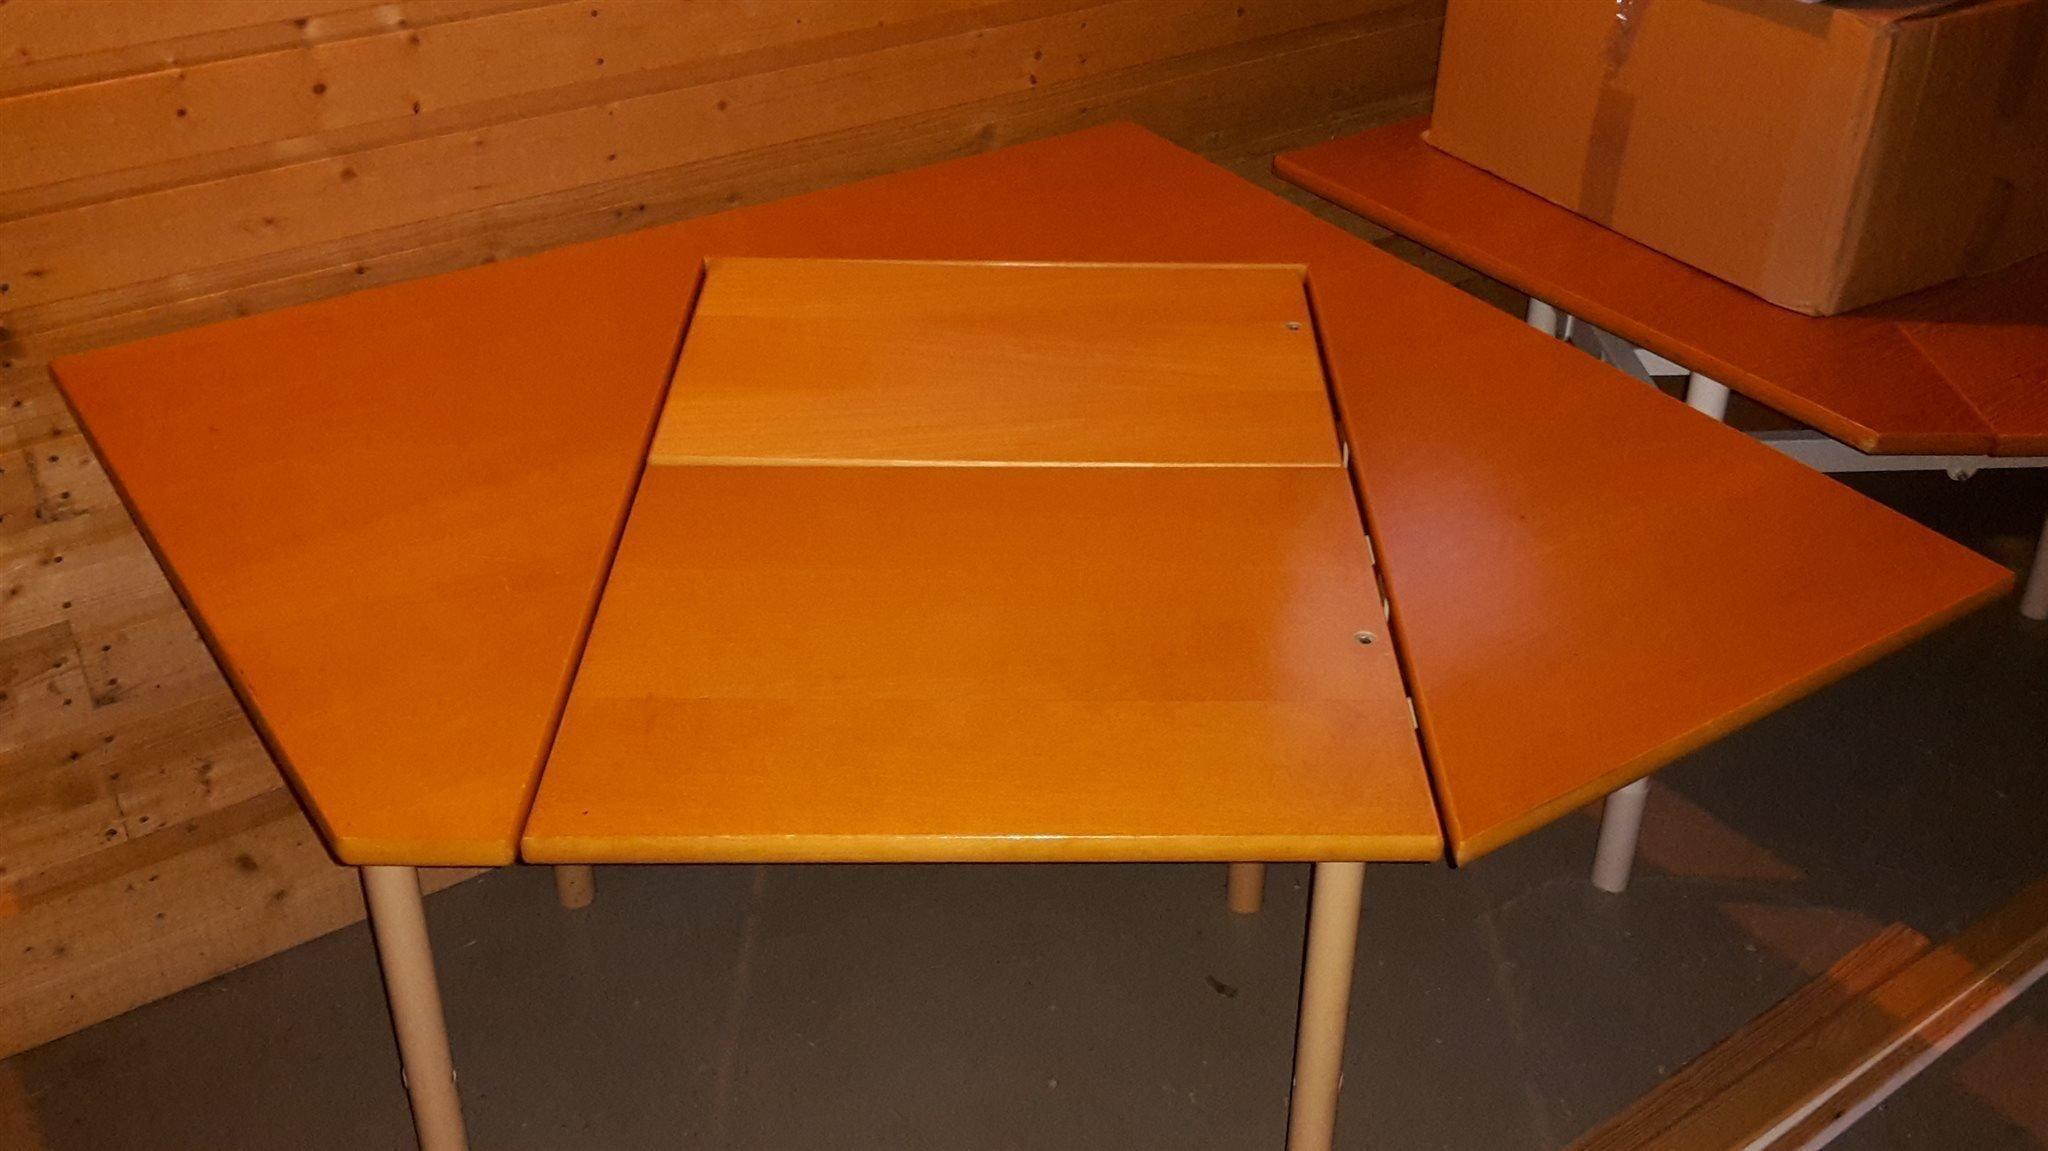 Kinnarp Arbetsbord Kontor Databord Med Hoj 427341065 ᐈ Kop Pa Tradera